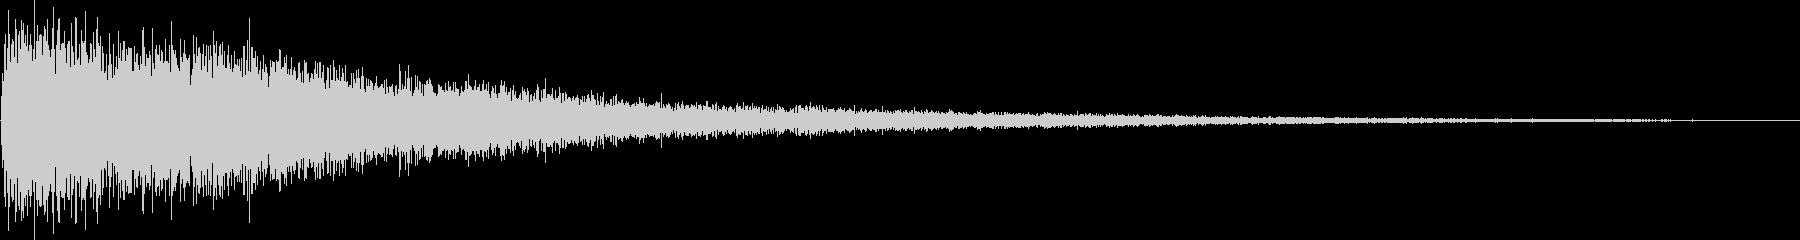 [ドワーン]/中国/ドラ/銅鑼/少林寺の未再生の波形